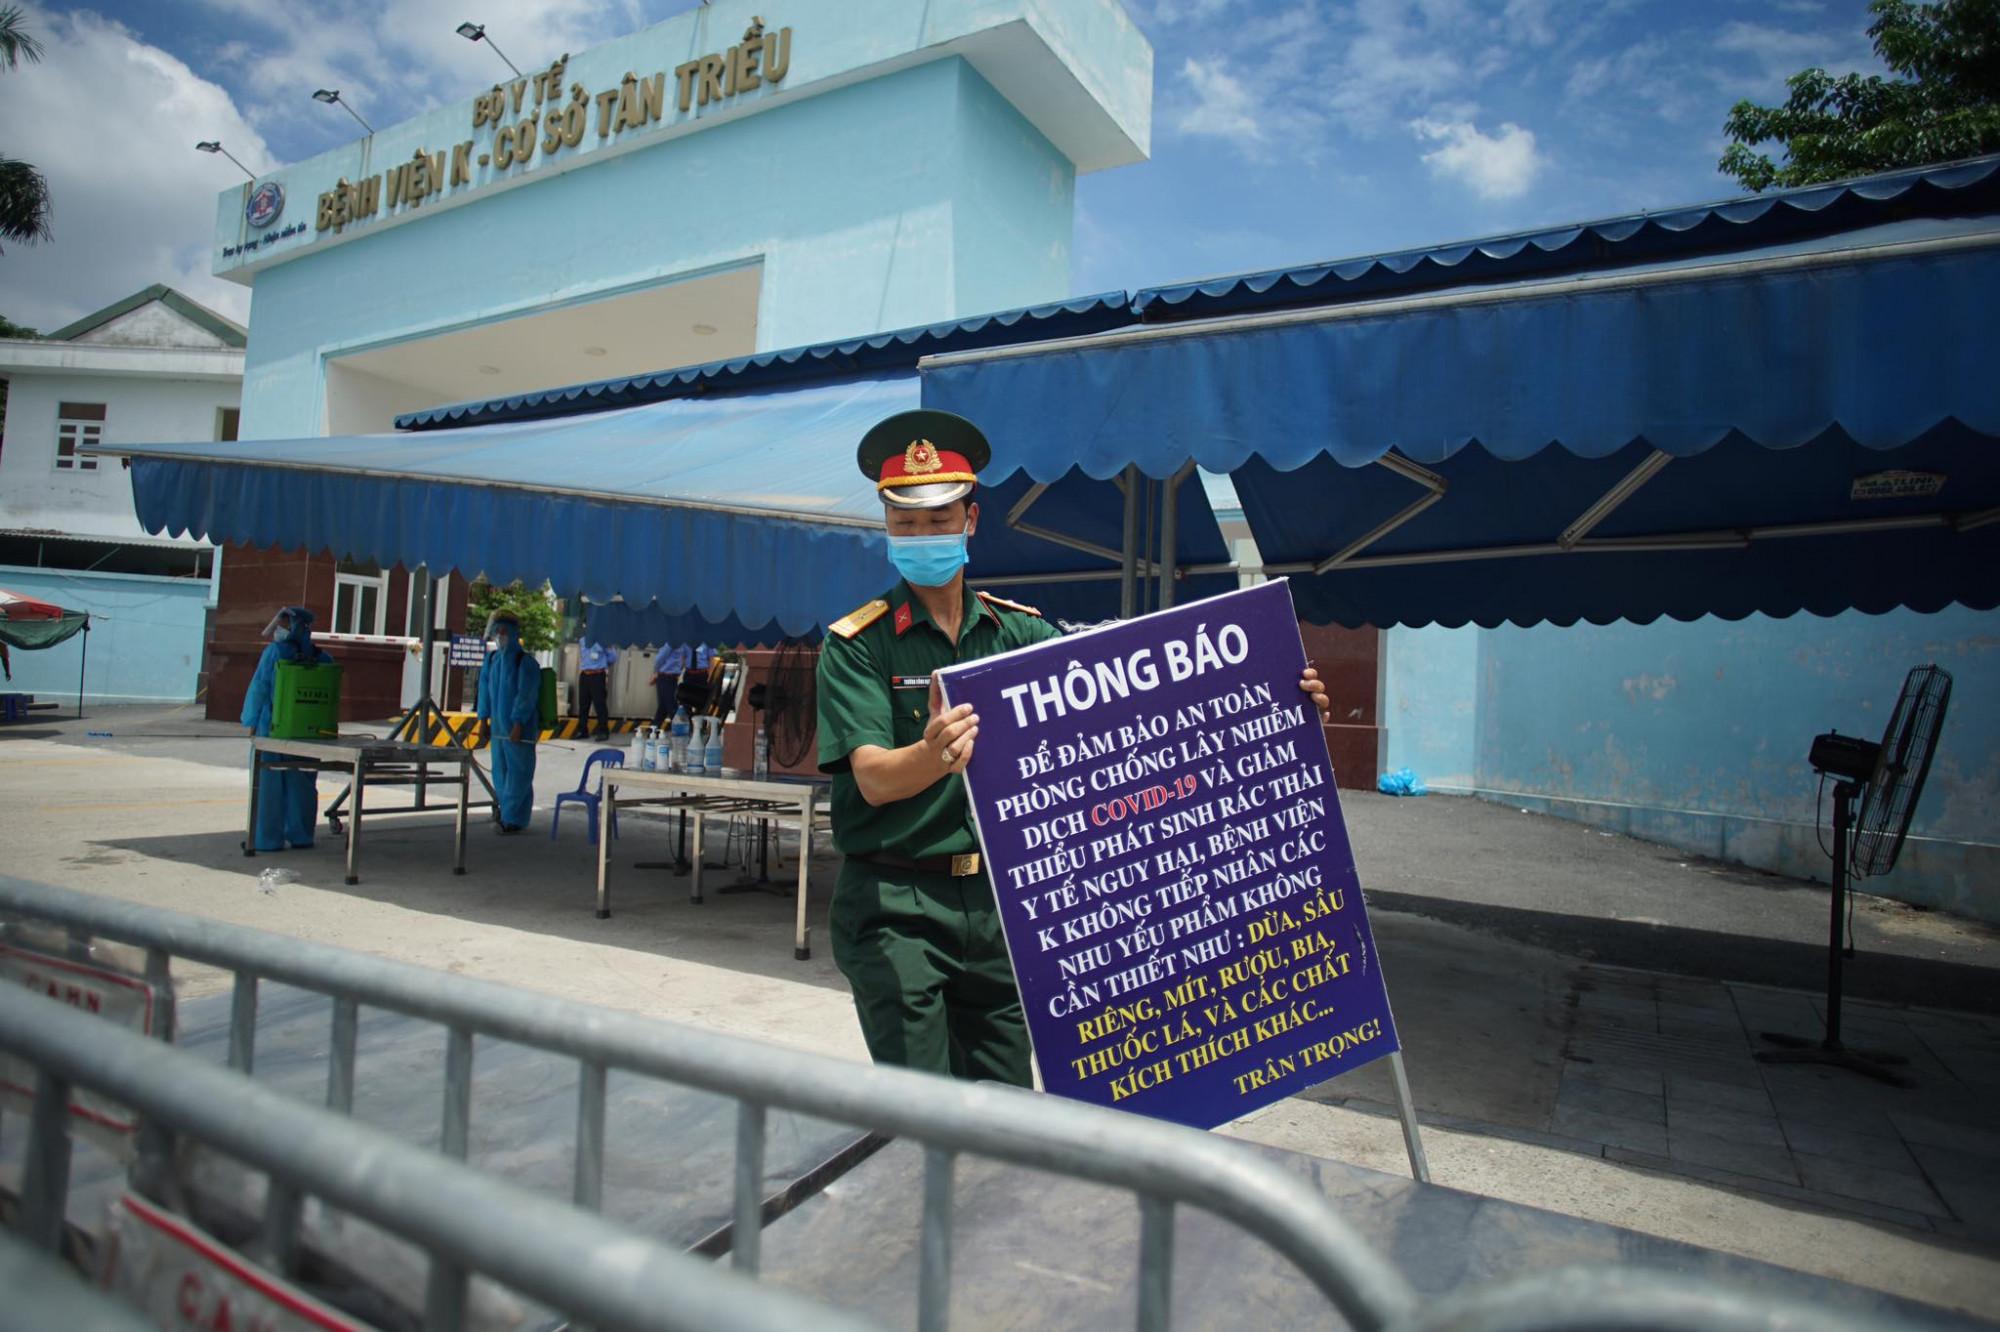 Bệnh viên K cơ sở Tân Triều gỡ phong tỏa sau hơn 1 tháng chống COVID-19